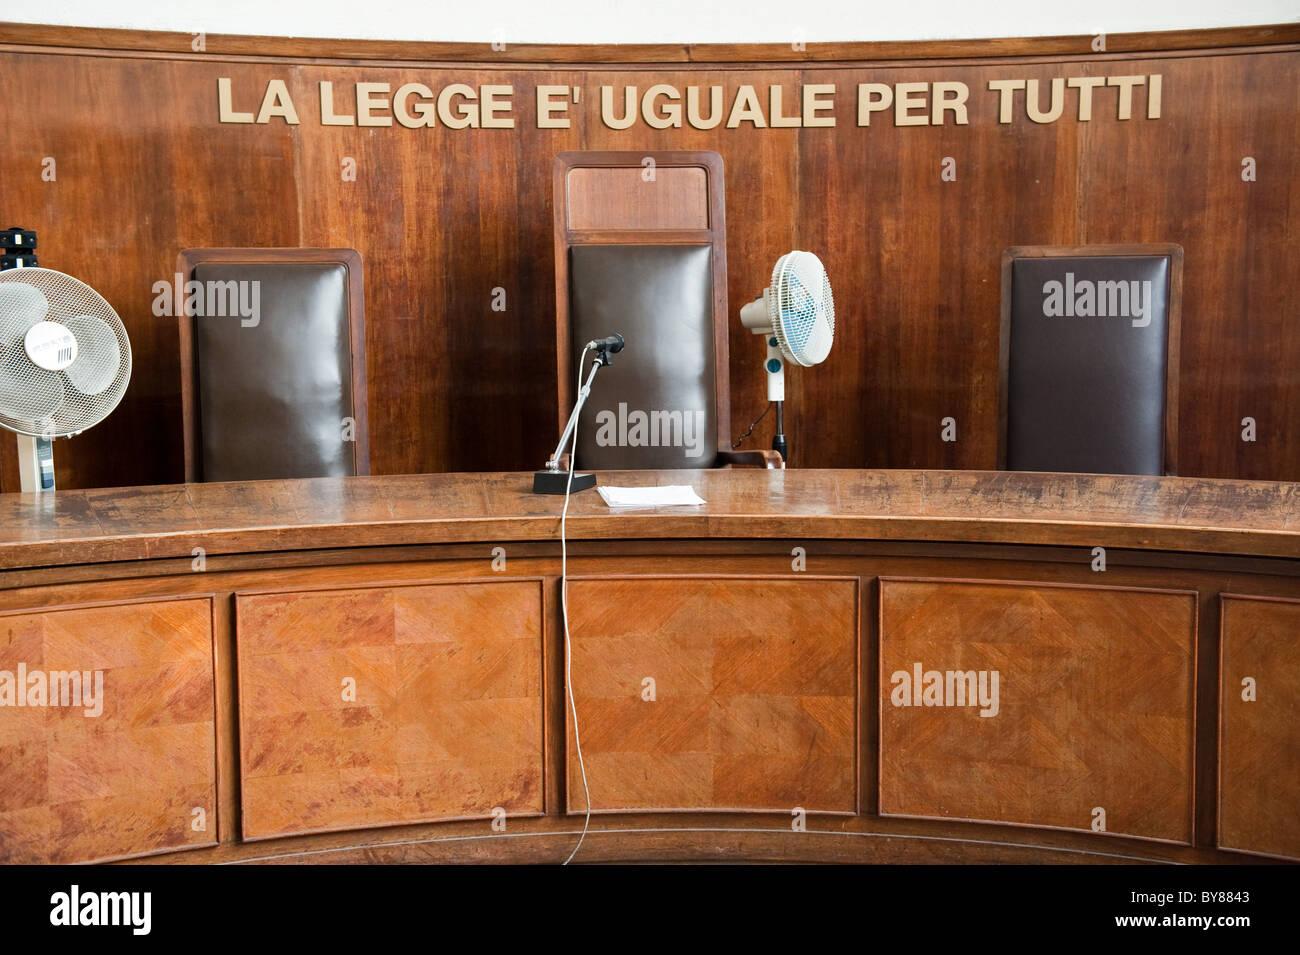 Design Per Tutti Com interior of a court milan tribunal italy with sign la legge